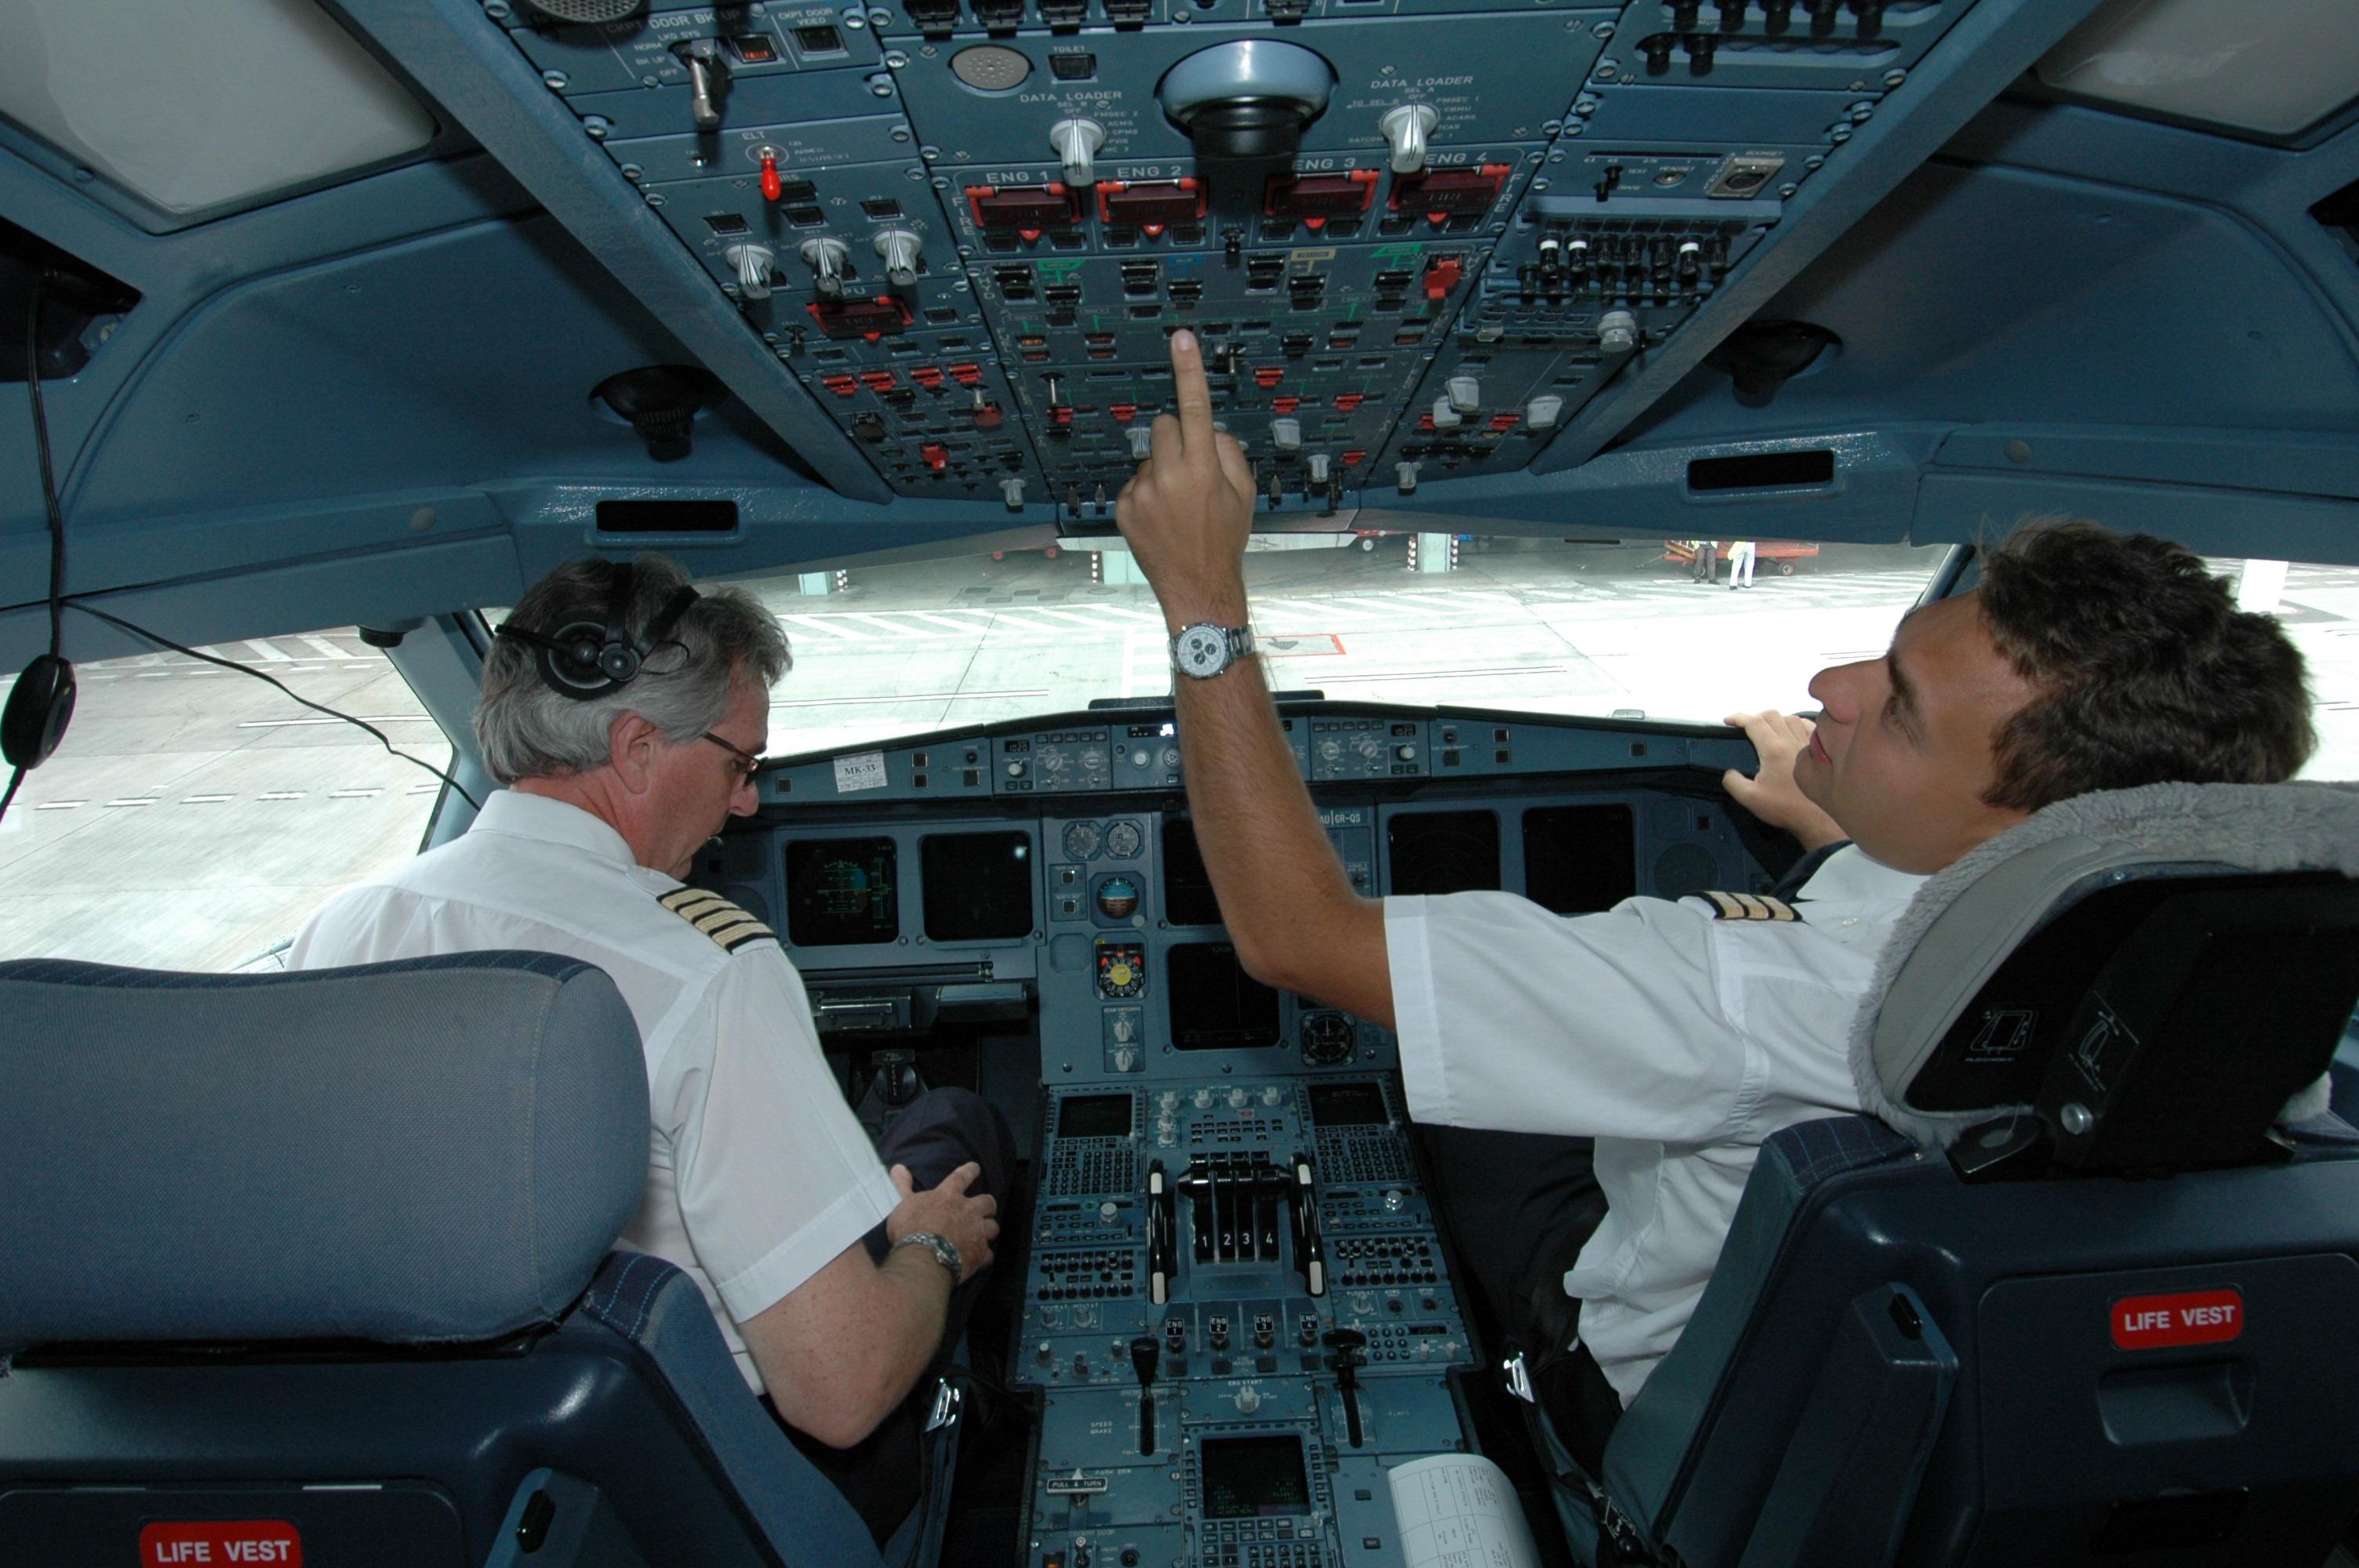 Фото с кабины пилотов гражданской авиации во время пол та 3